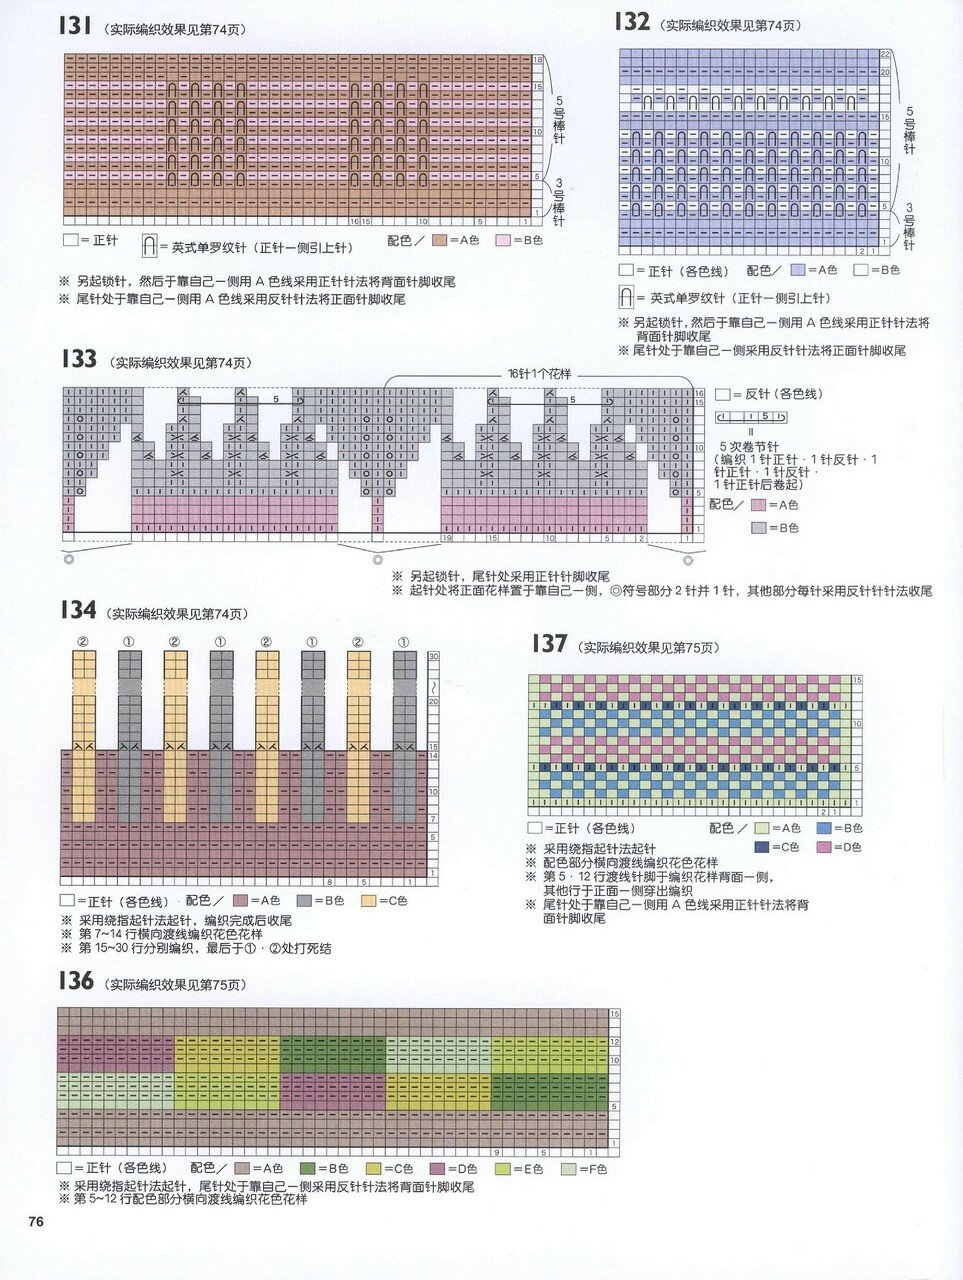 150 Knitting_78.jpg